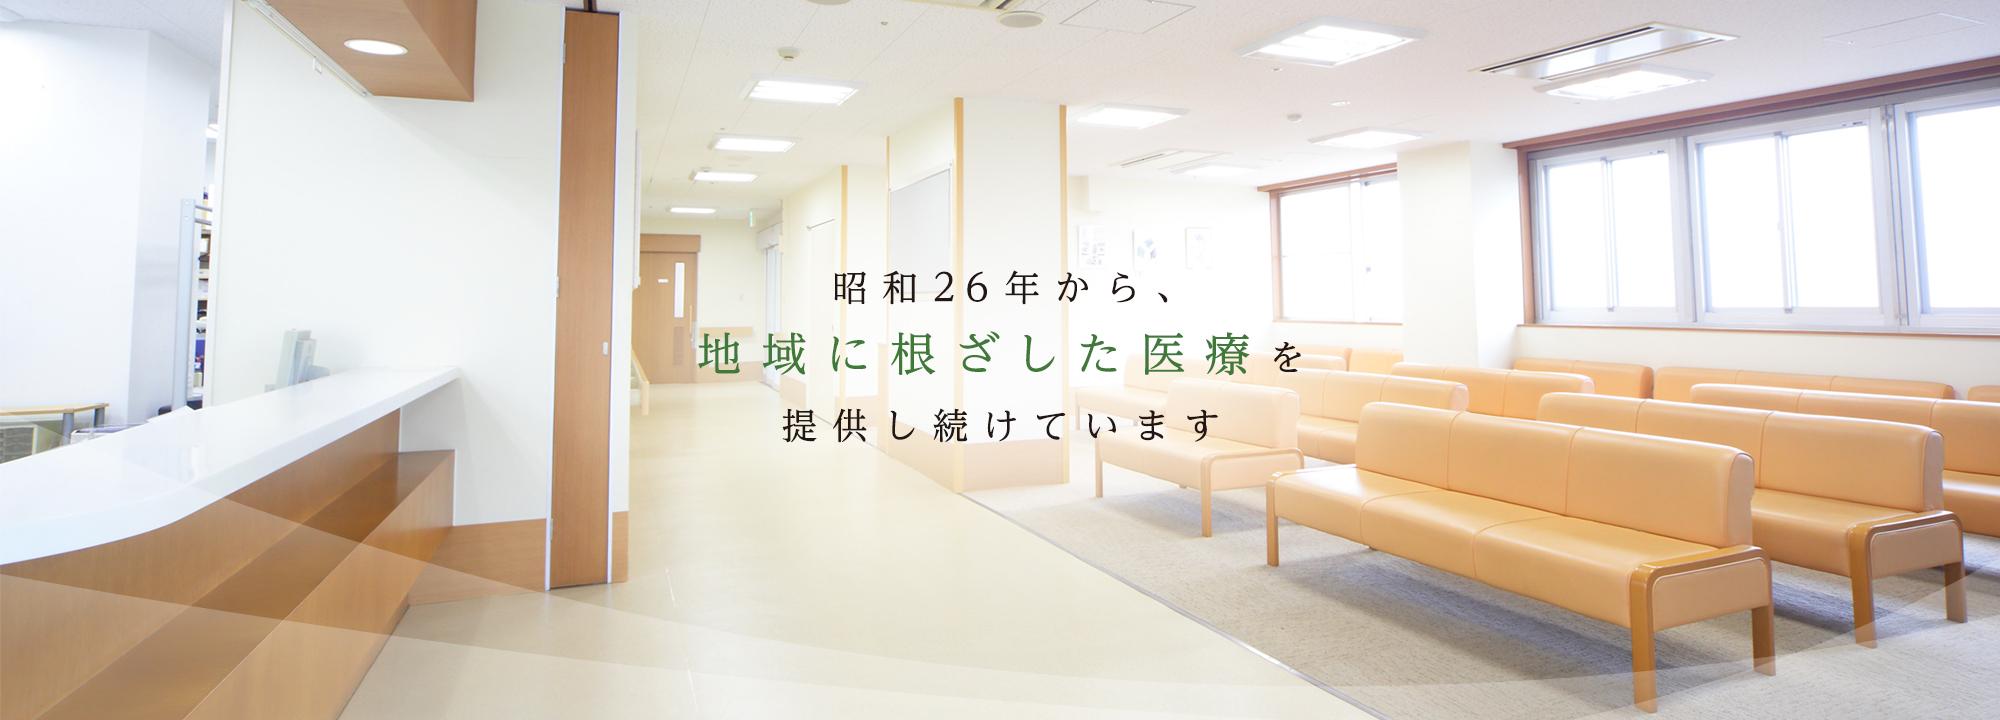 昭和26年から、地域に根ざした医療を提供し続けています